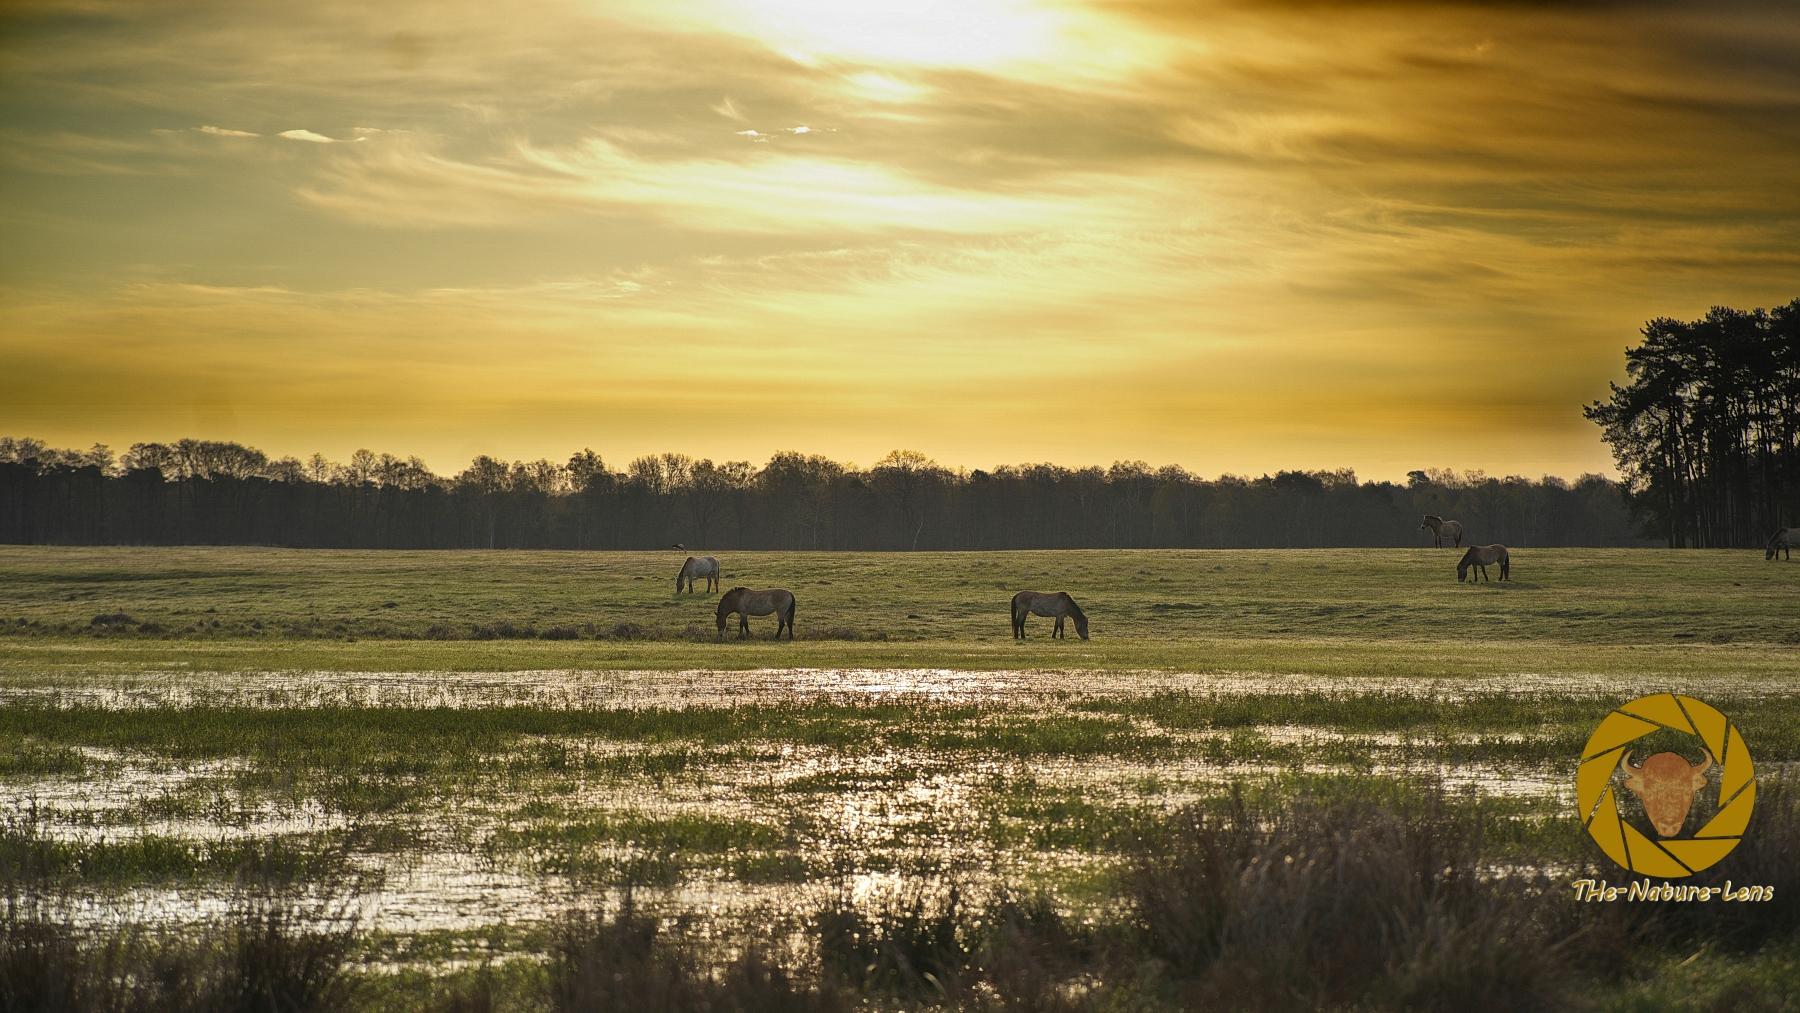 Sonnenaufgang bei den Przewalskipferden im Wildpark Schorfheide